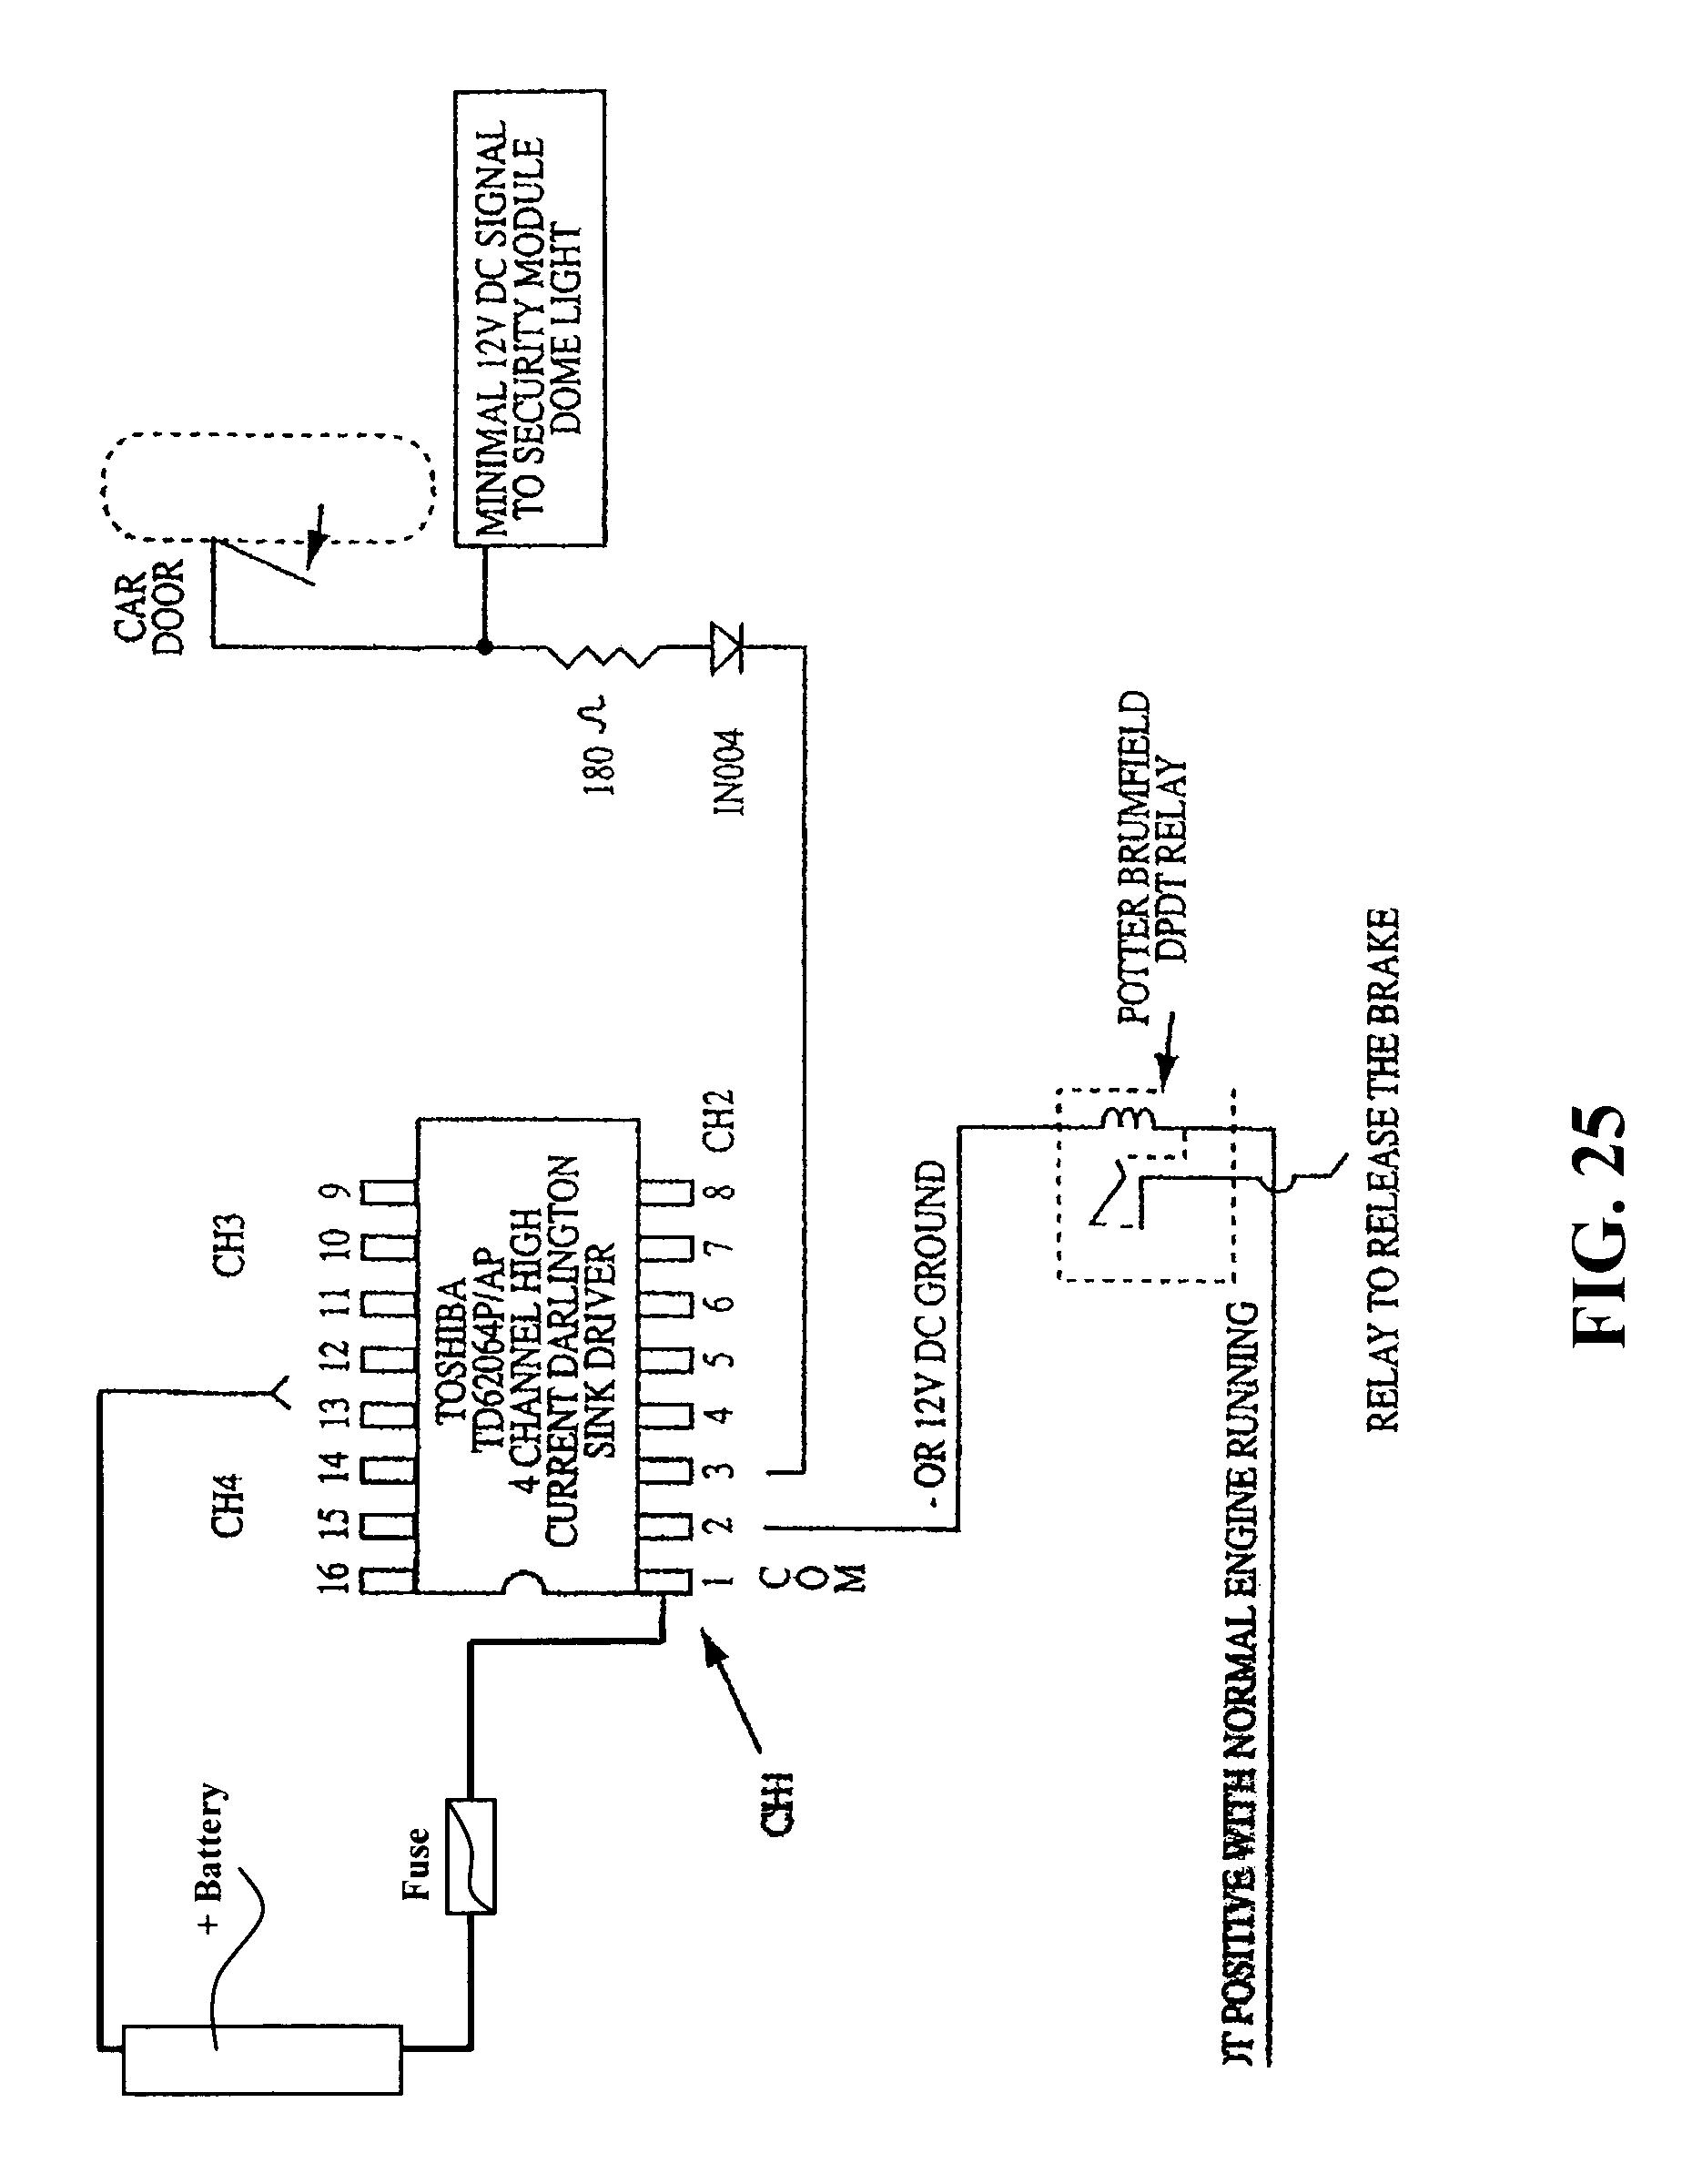 77 ford ltd wiring diagram